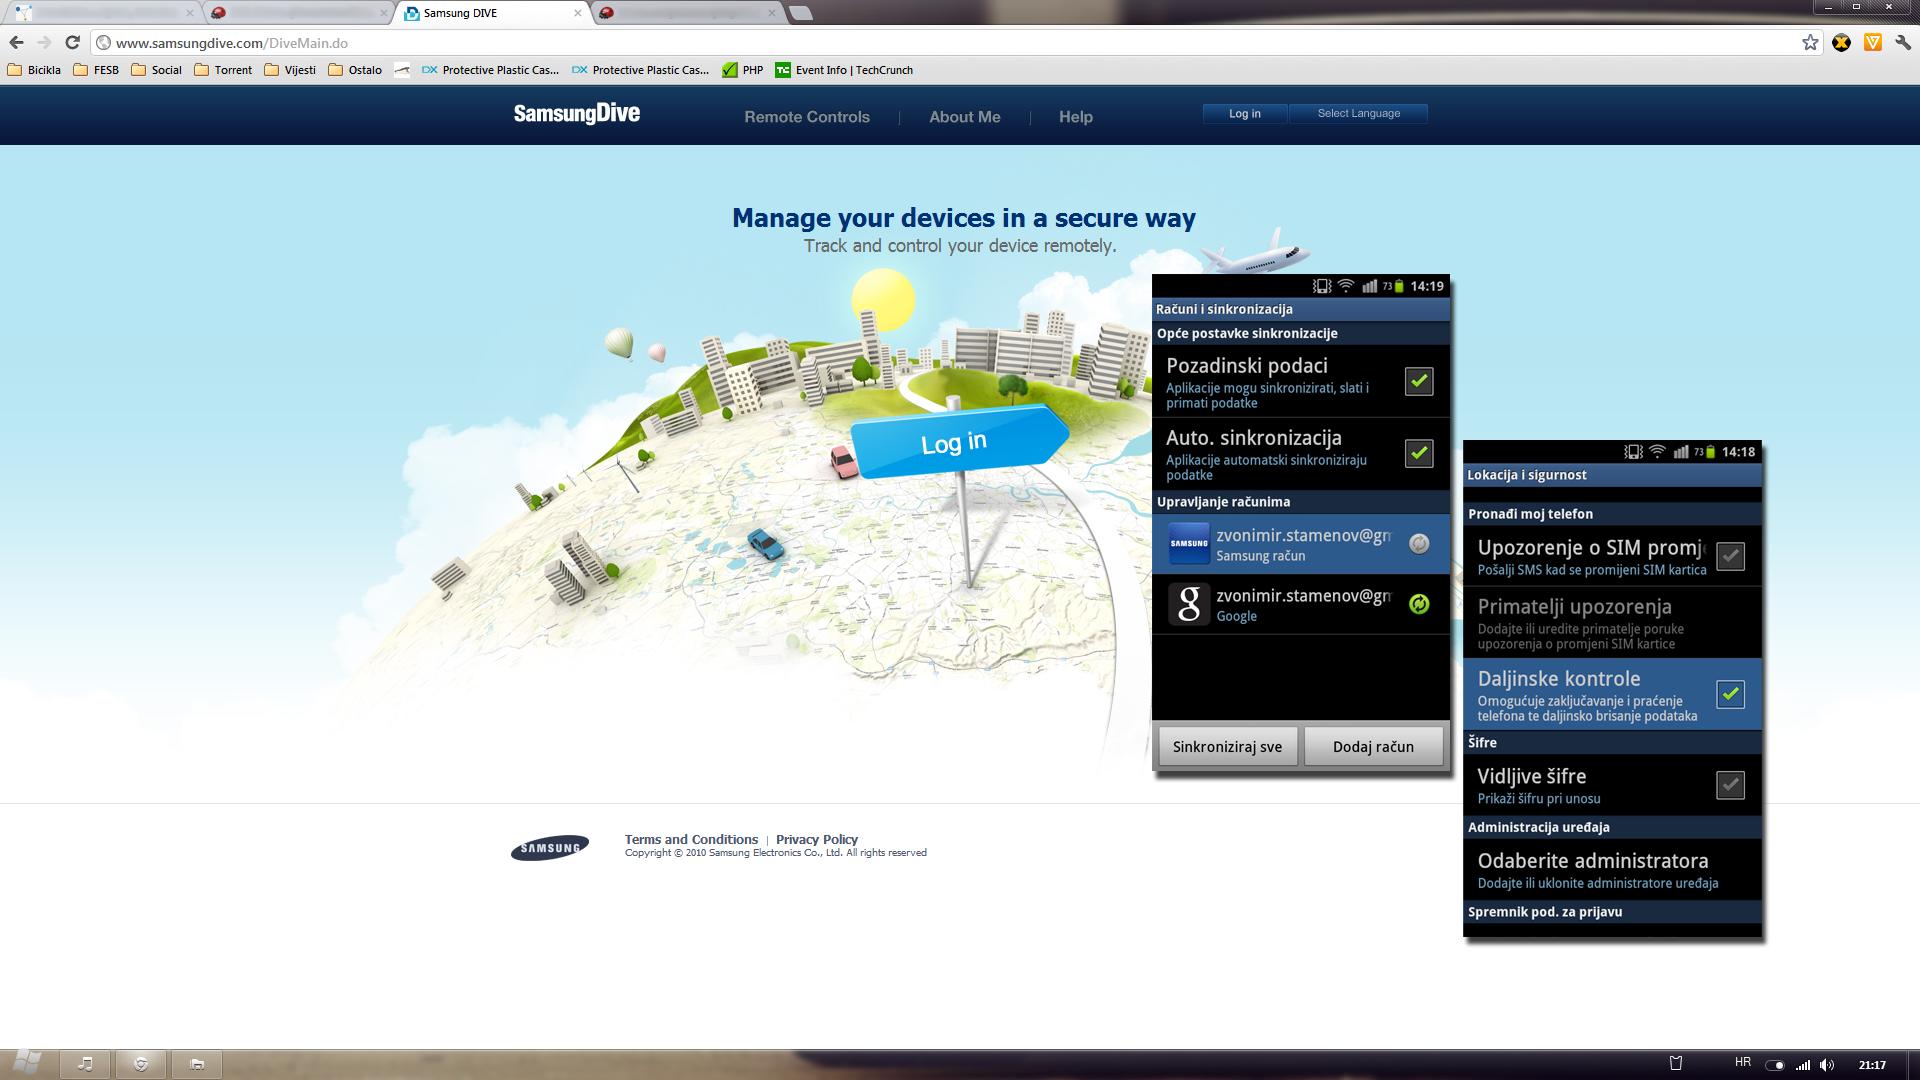 8 misija samsung dive zstamenov - Samsung dive mobile tracker ...